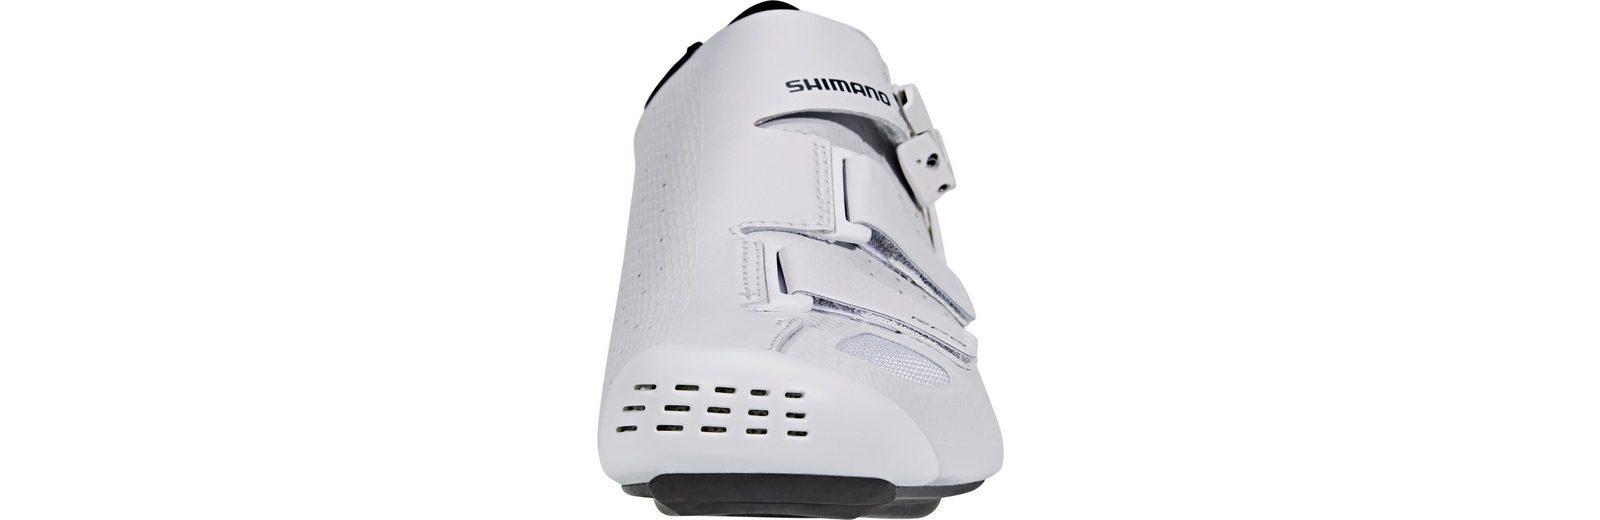 Shimano Fahrradschuhe SH-RP9W Schuhe Unisex Online Kaufen Kostengünstig Kaufen Billig Bester Großhandel Steckdose Billigsten RT0b6ju6